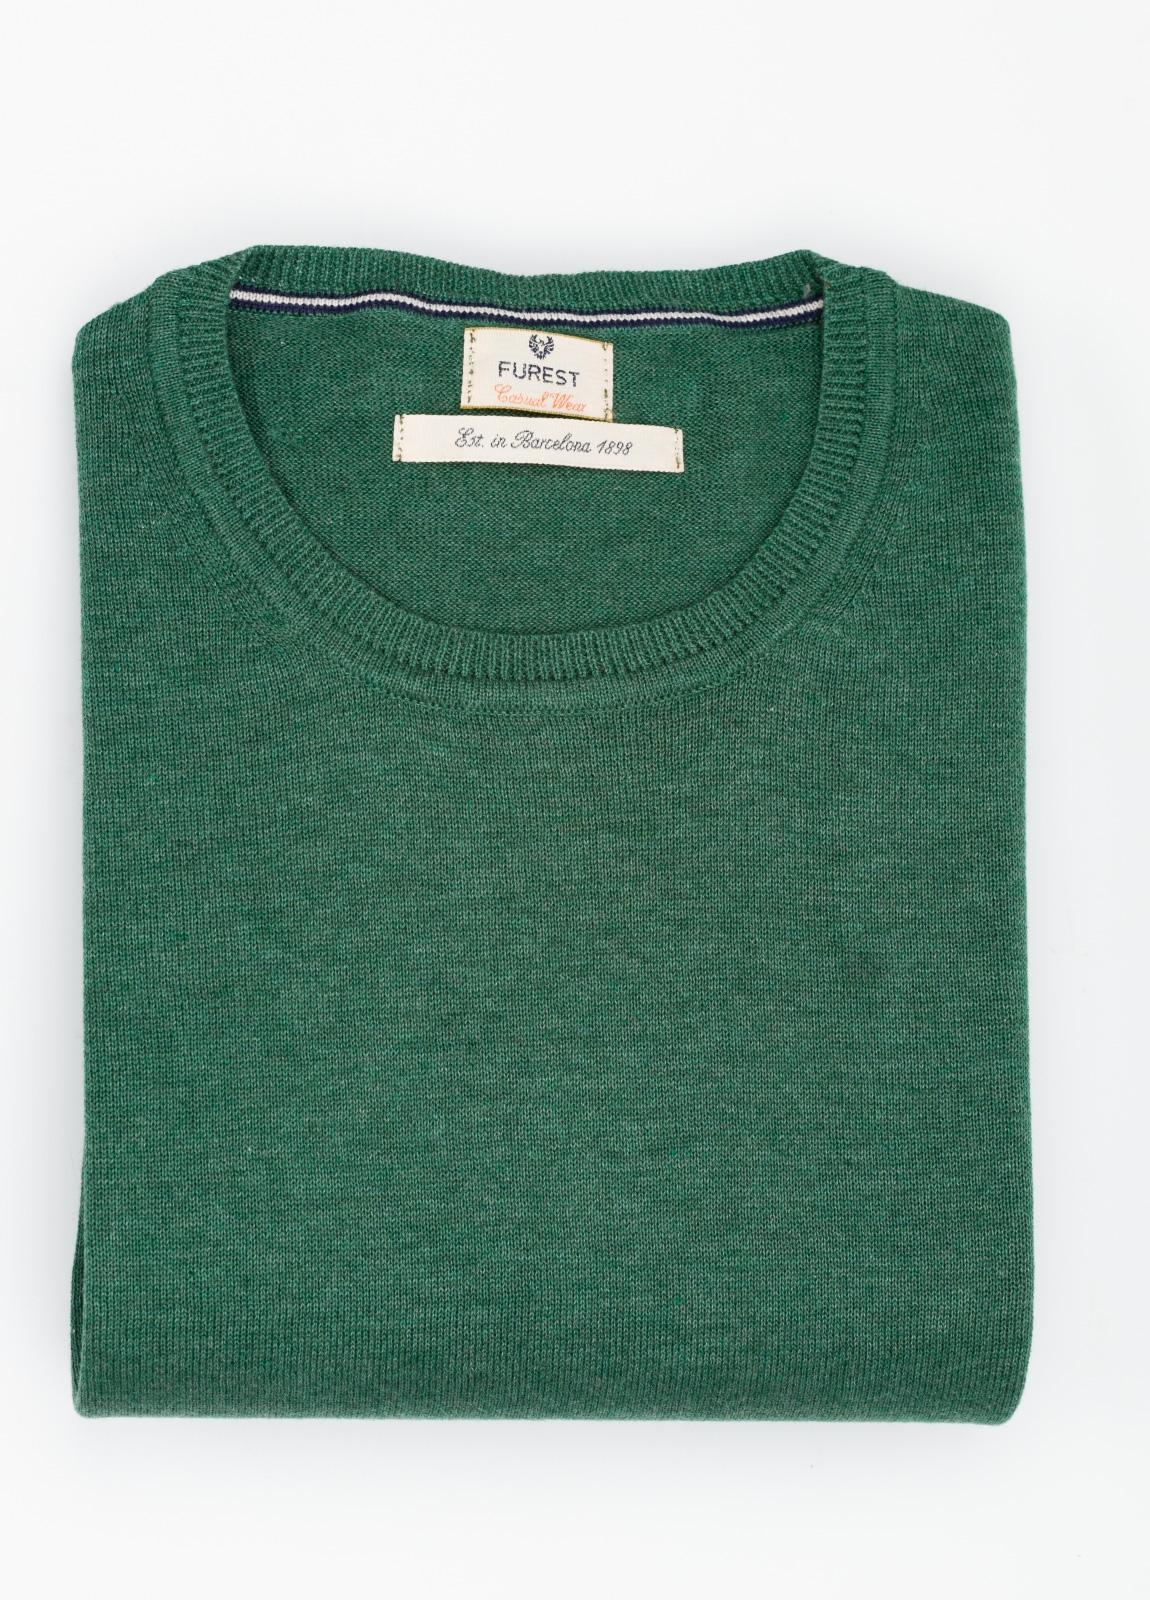 Jersey Casual Wear, SLIM FIT cuello redondo color verde, 100% algodón.